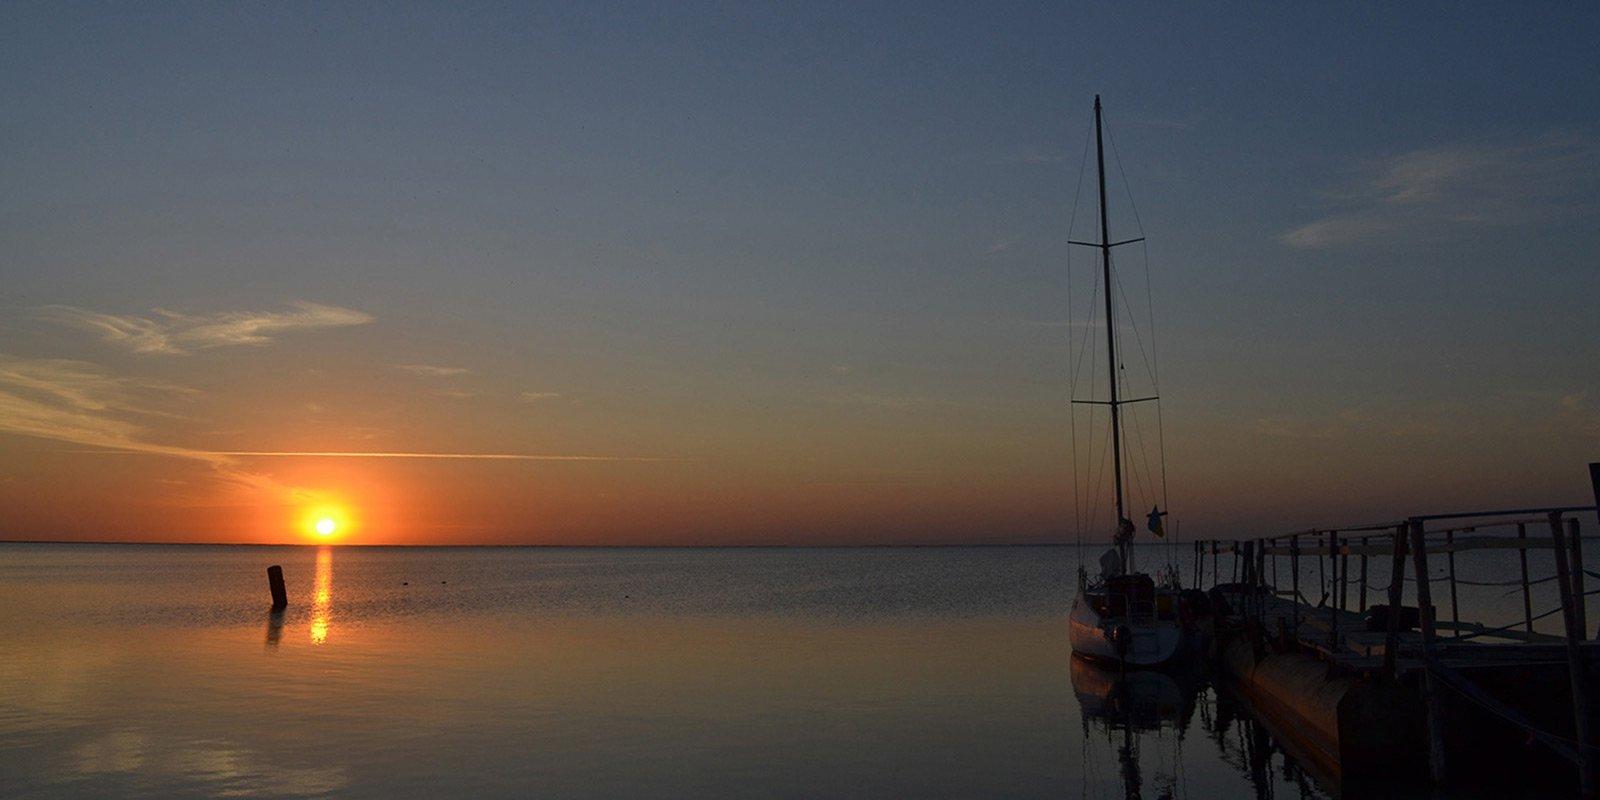 Джарилгач - унікальна заповідна територія в Чорному морі, фауна і флора якого настільки цінна, що більшість видів занесені до Червоної книги.